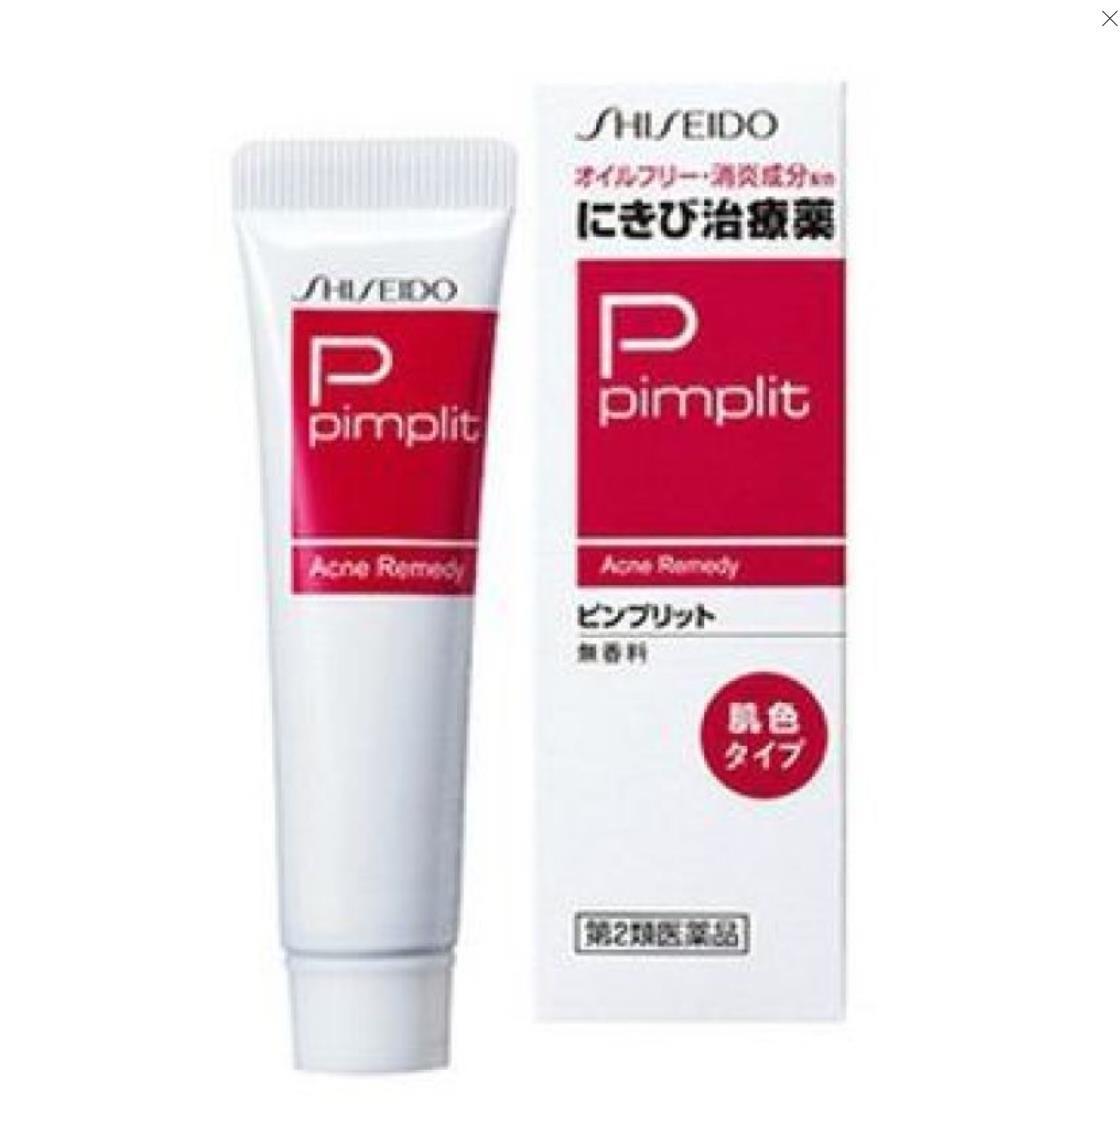 【日本直邮】日本资生堂 PIMPLIT 暗疮软膏自然肤色18g